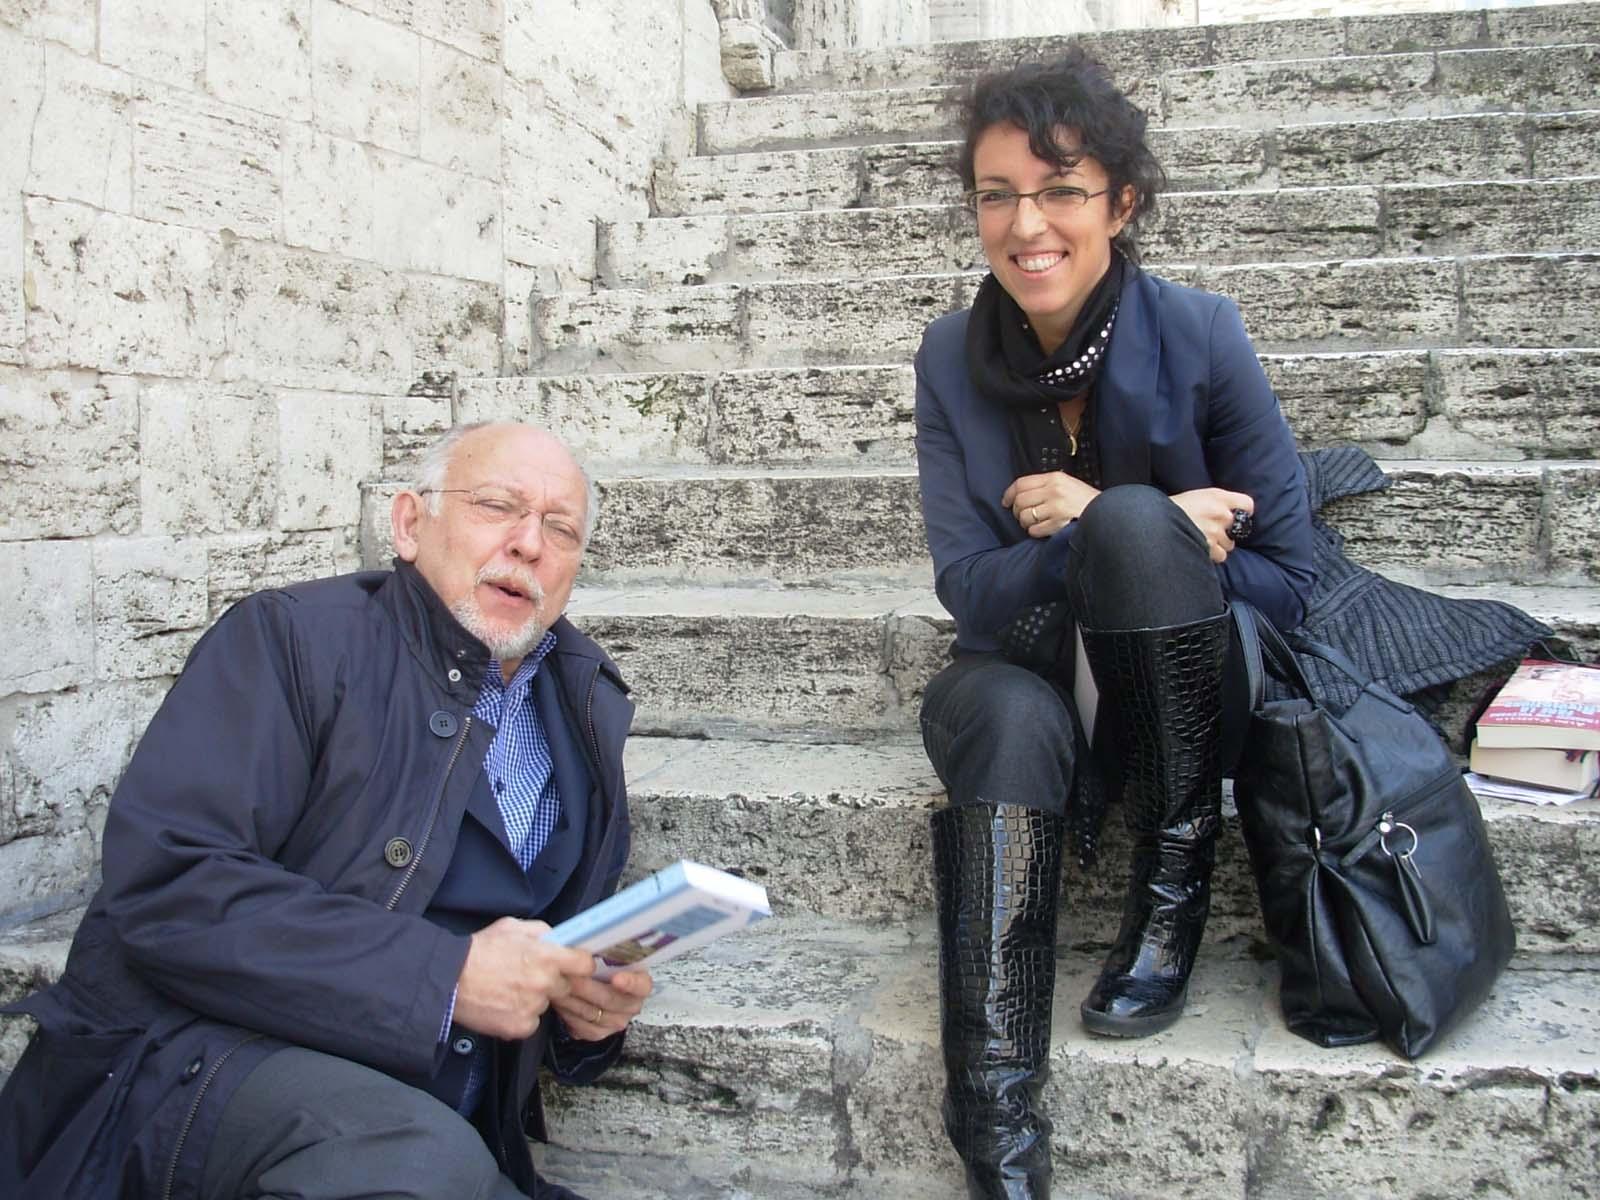 presentazione-romanzo-2010-04-festival-giornalismo-perugia-con Vittorio Zucconi